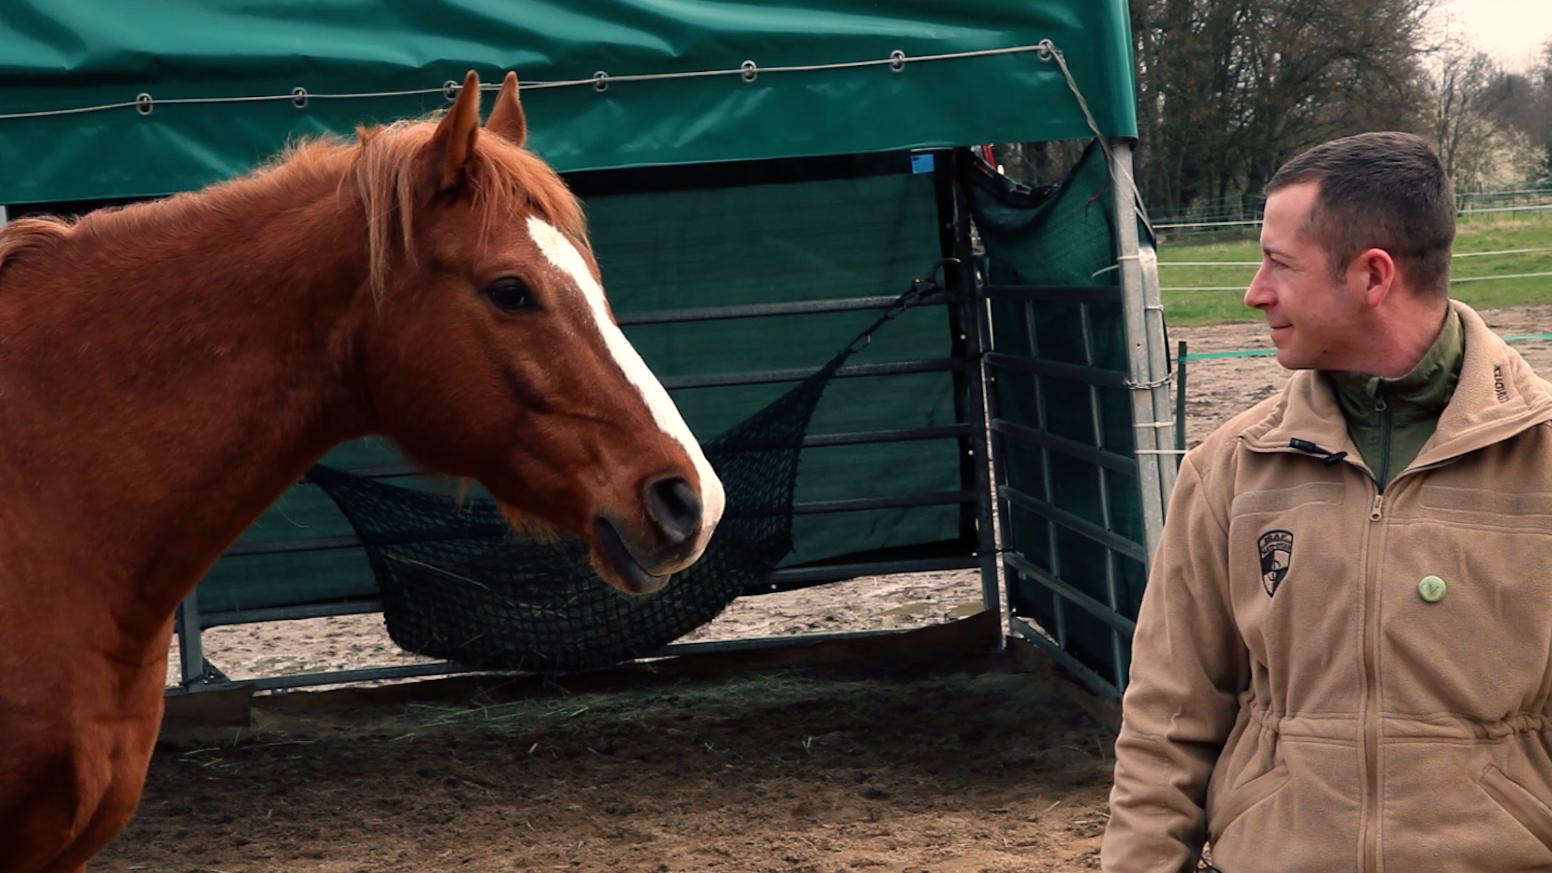 Ein 88-minütiger Dokumentarfilm portraitiert die Therapeutin Claudia Swierczek. Sie hilft mit ihren Pferden traumatisierten SoldatInnen